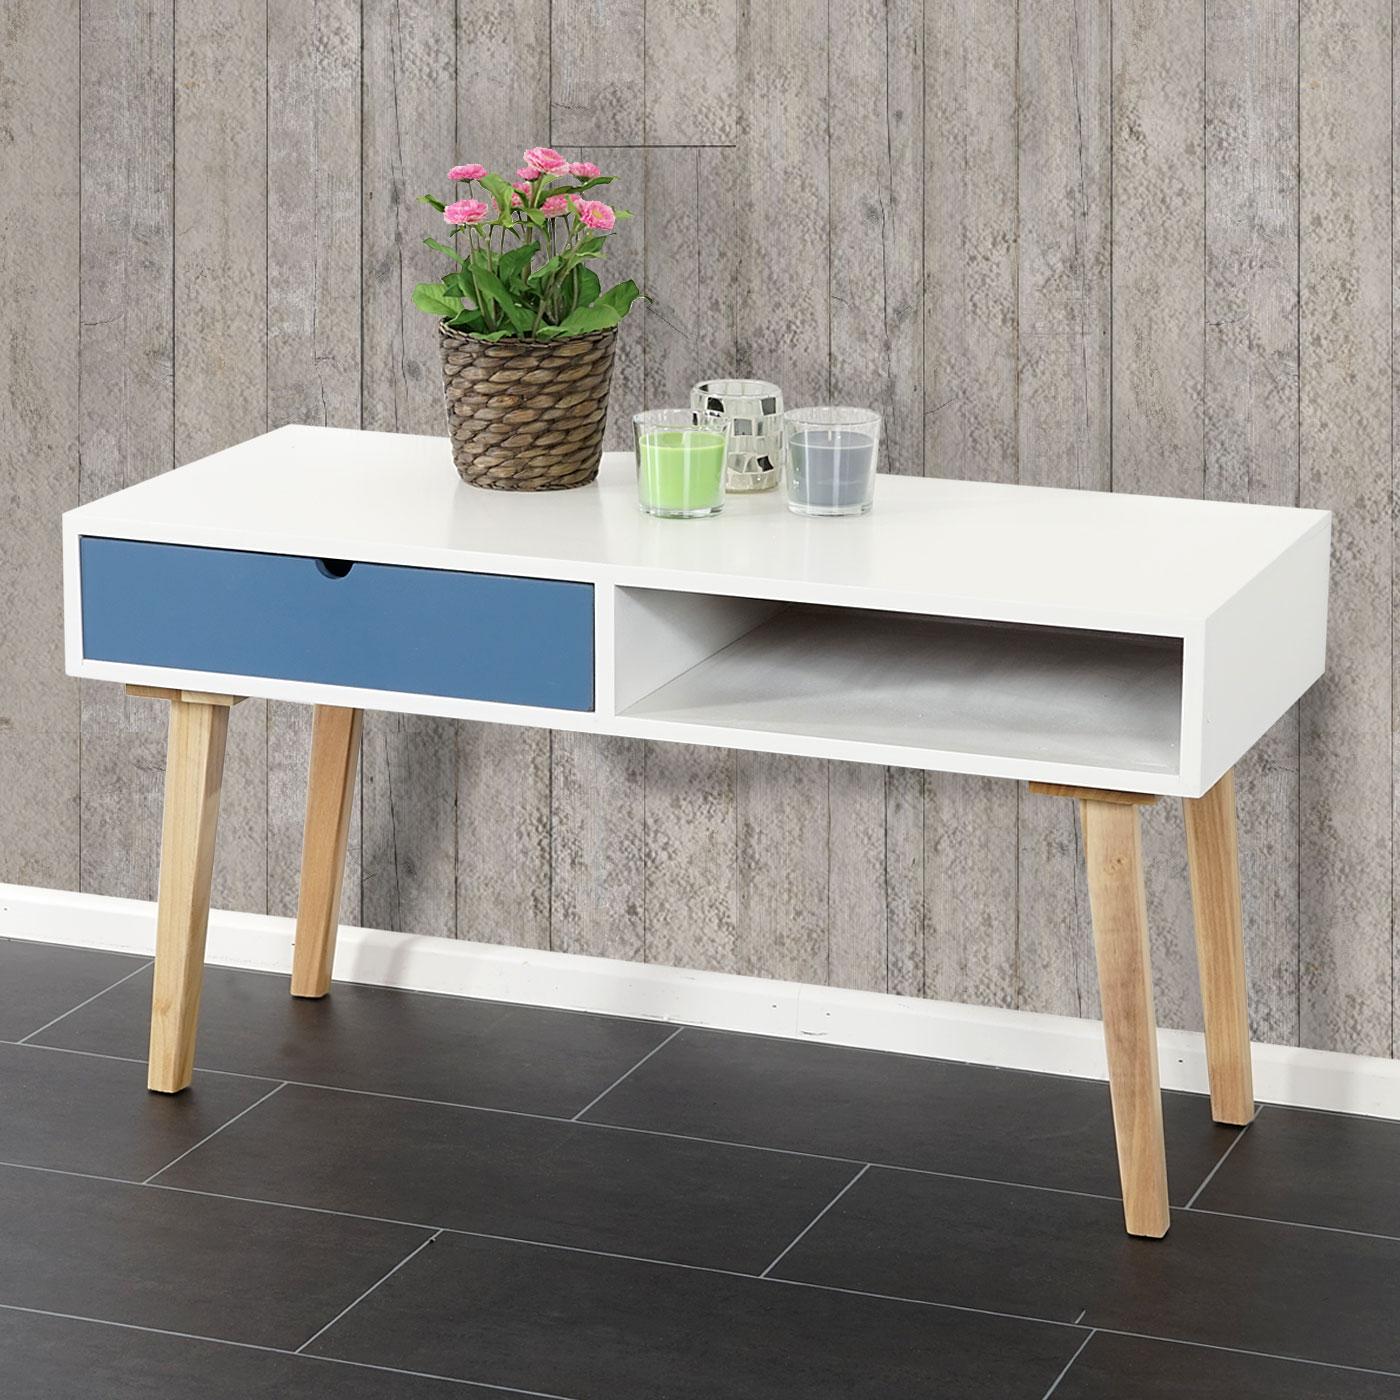 kommode malm t265 beistelltisch schrank retro design 49x90x40cm blau wei ebay. Black Bedroom Furniture Sets. Home Design Ideas